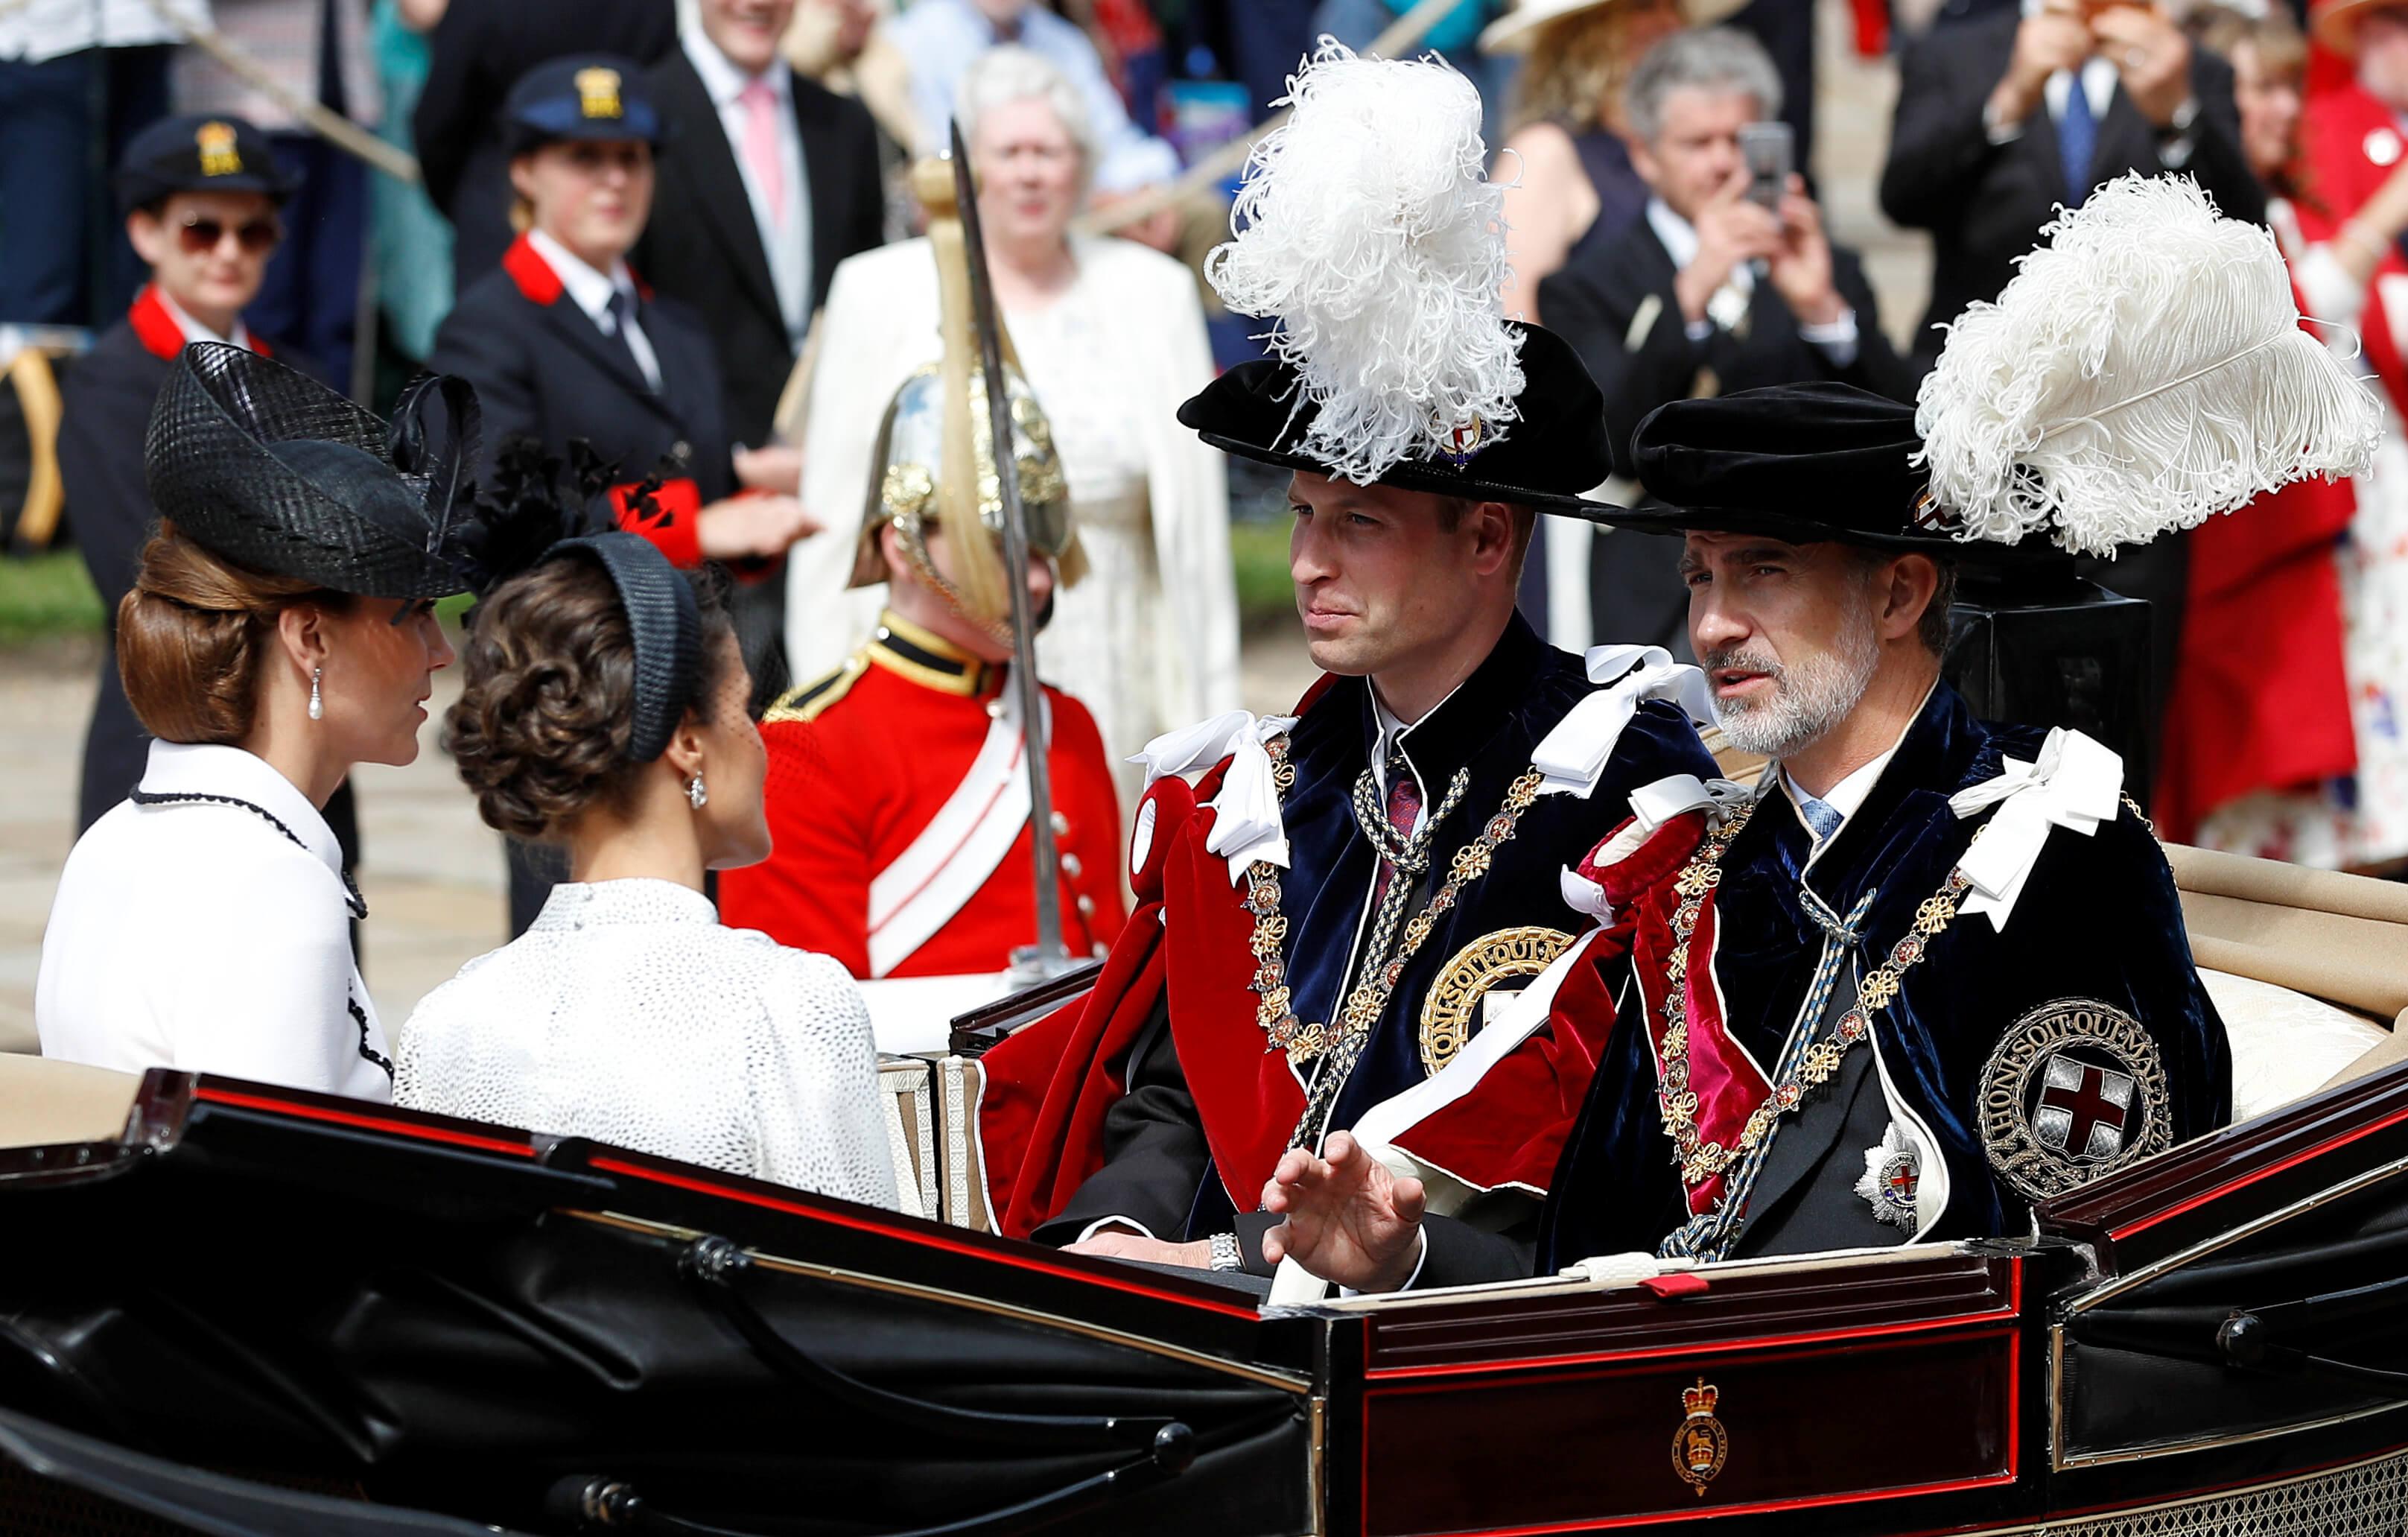 Έχουν ξεκληρίσει τη μισή Βρετανία! Νέο σοβαρό τροχαίο προκάλεσε η Βασιλική Οικογένεια